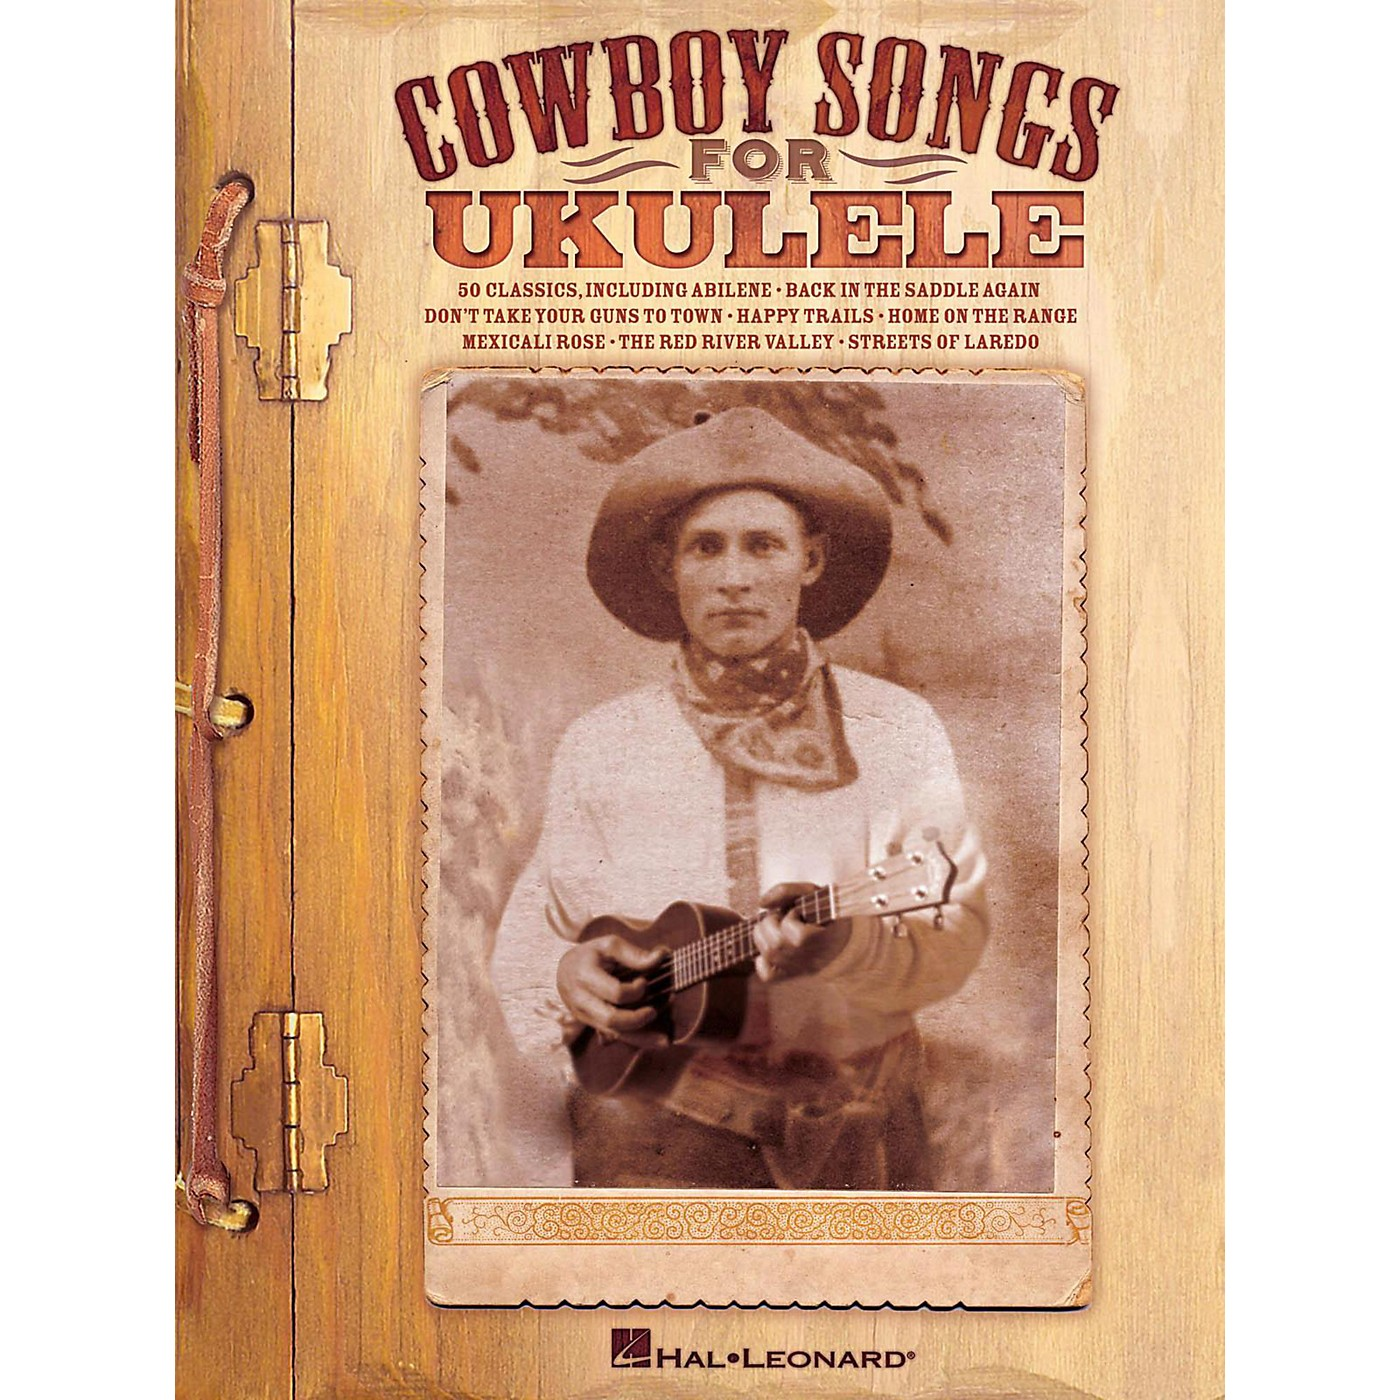 Hal Leonard Cowboy Songs For Ukulele thumbnail